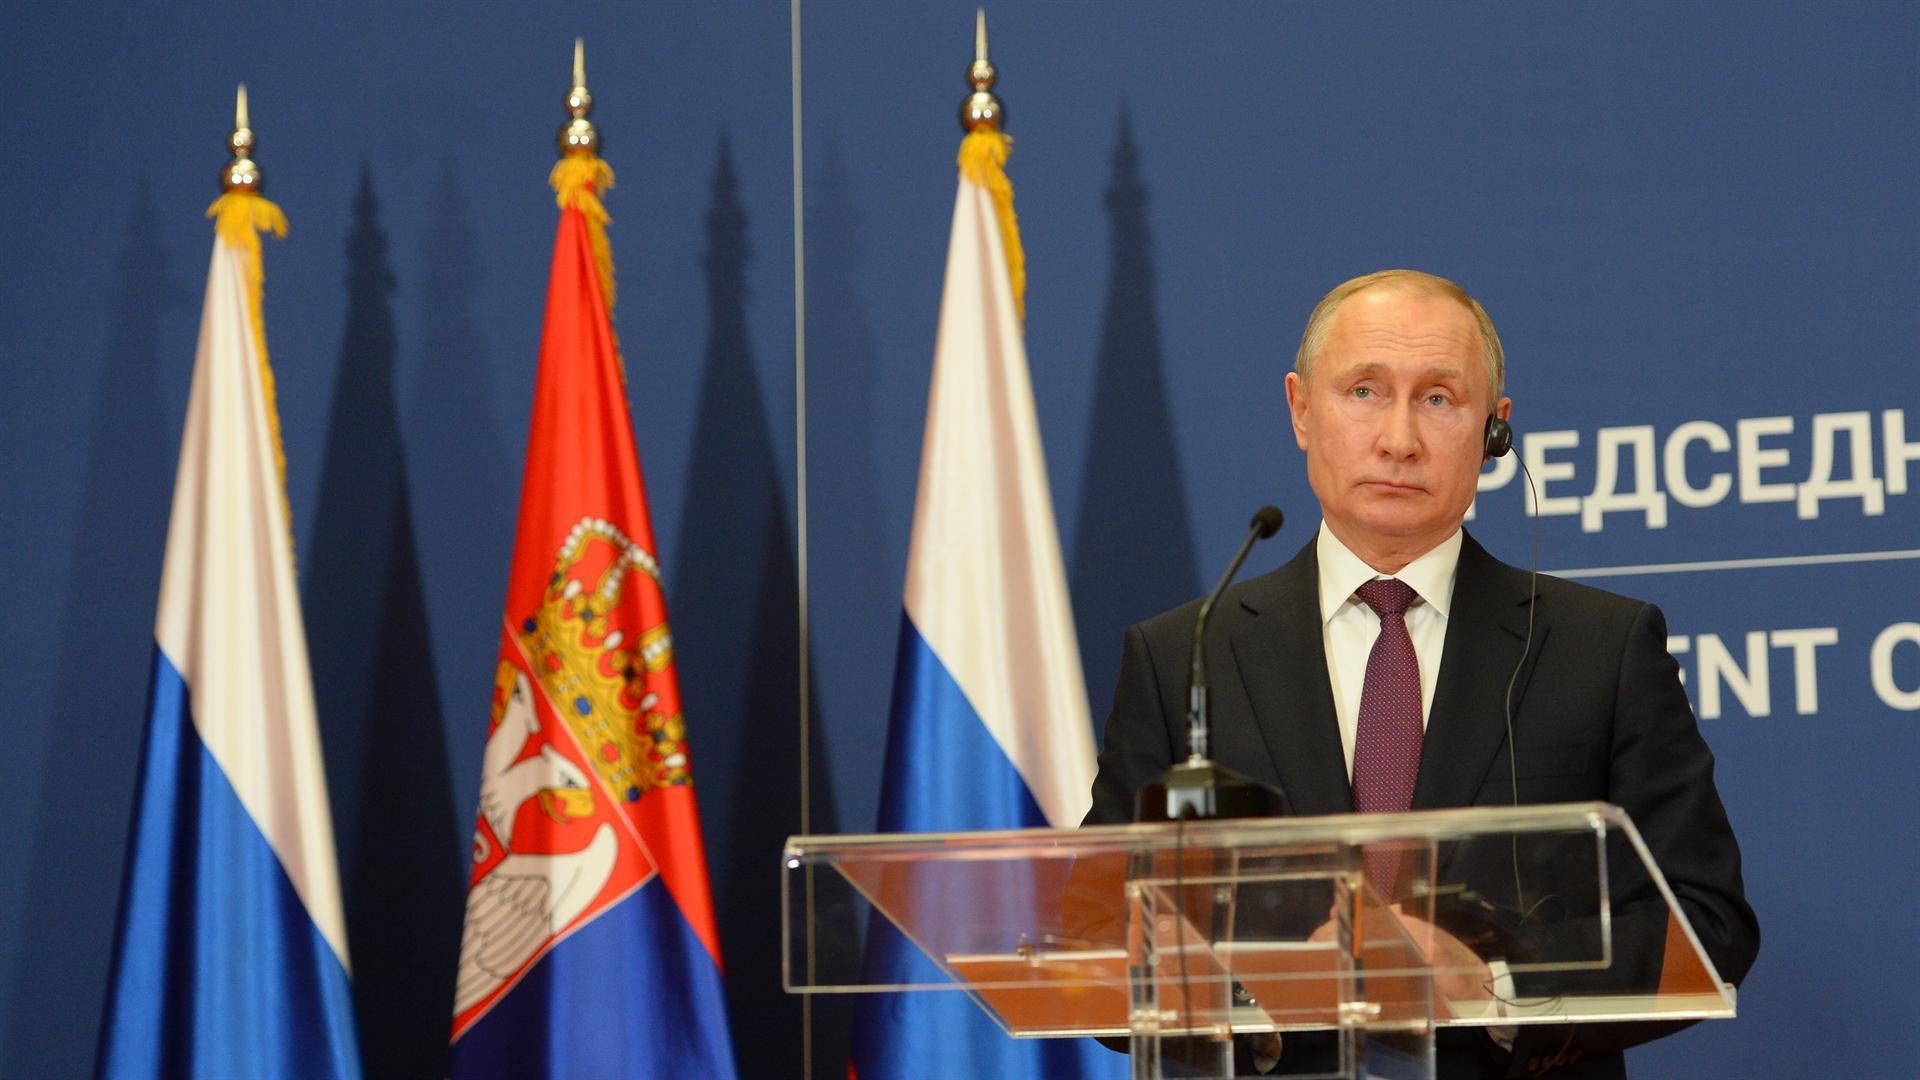 Predsednik Ruske Federije Vladimir Putin (na slici) govori na zajednickoj konfereniciji za medije sa predsednikom Srbije Aleksandrom Vucicem